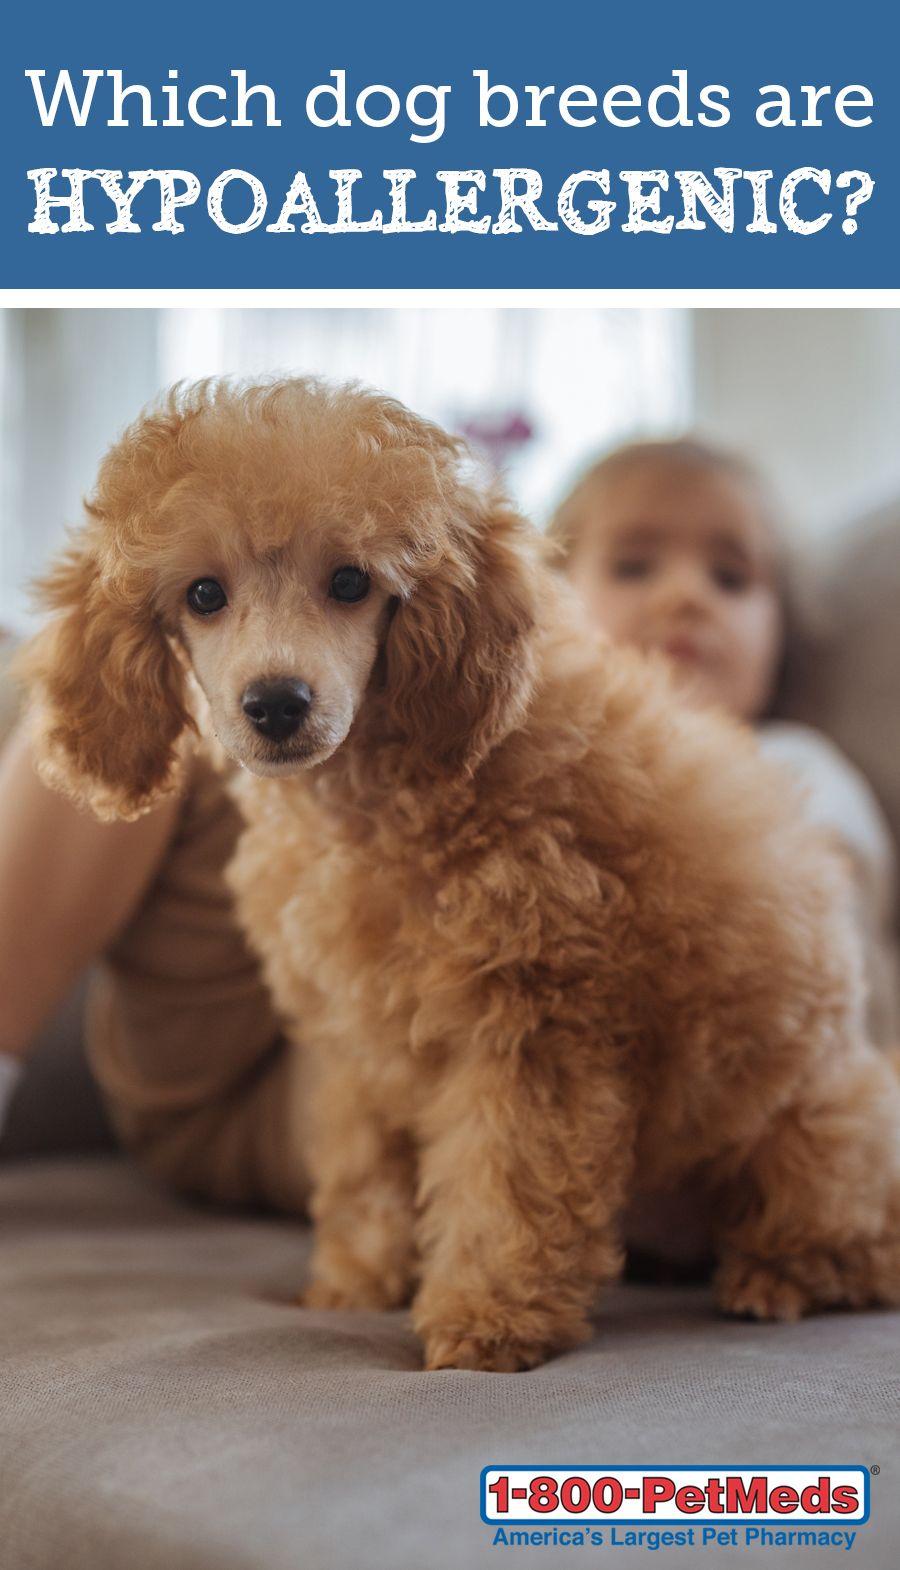 Hypoallergenic Dog Breeds 1800PetMeds® Hypoallergenic